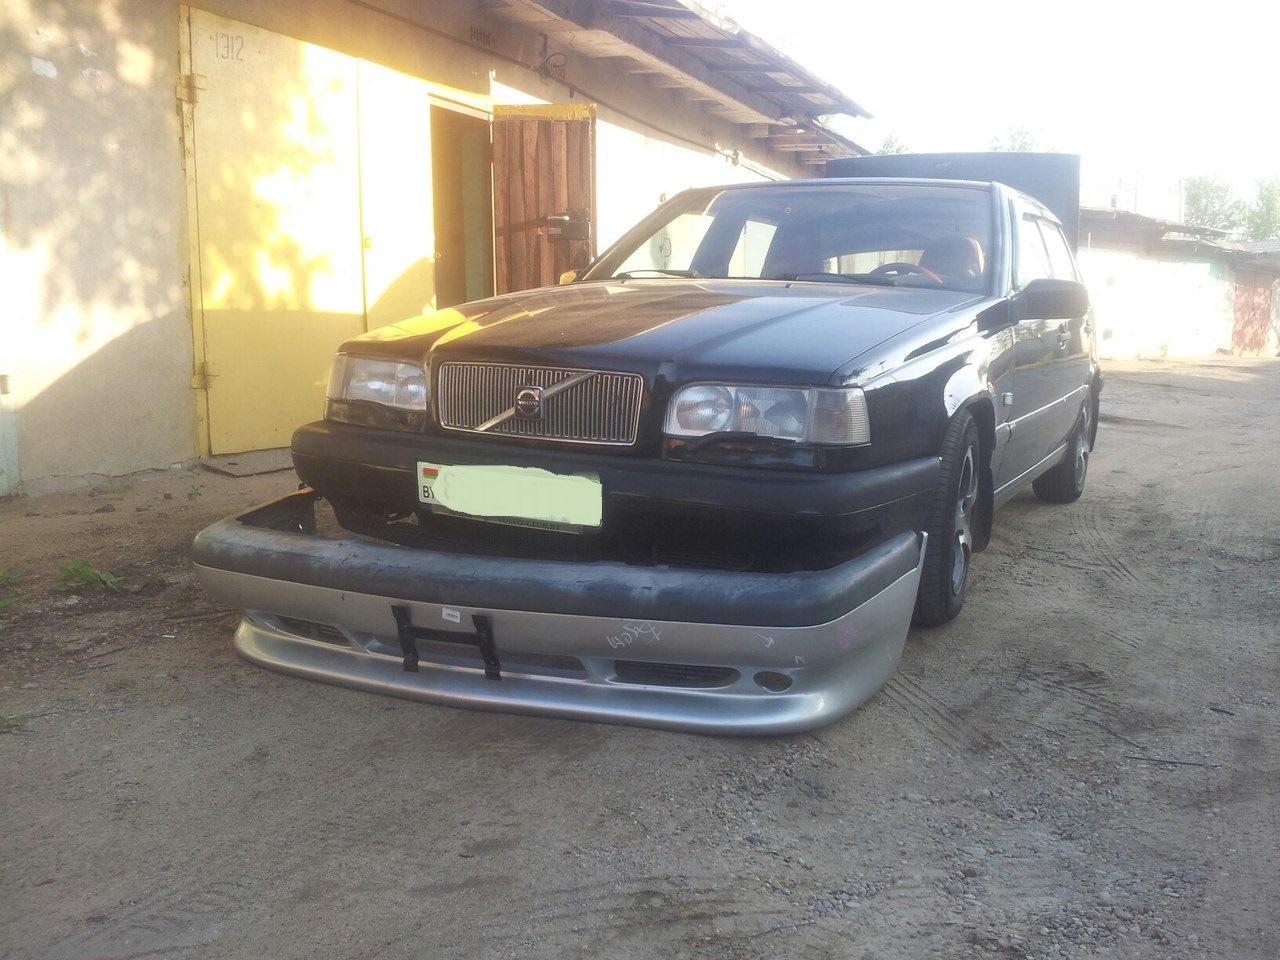 бампер передний на volvo 850 t5r